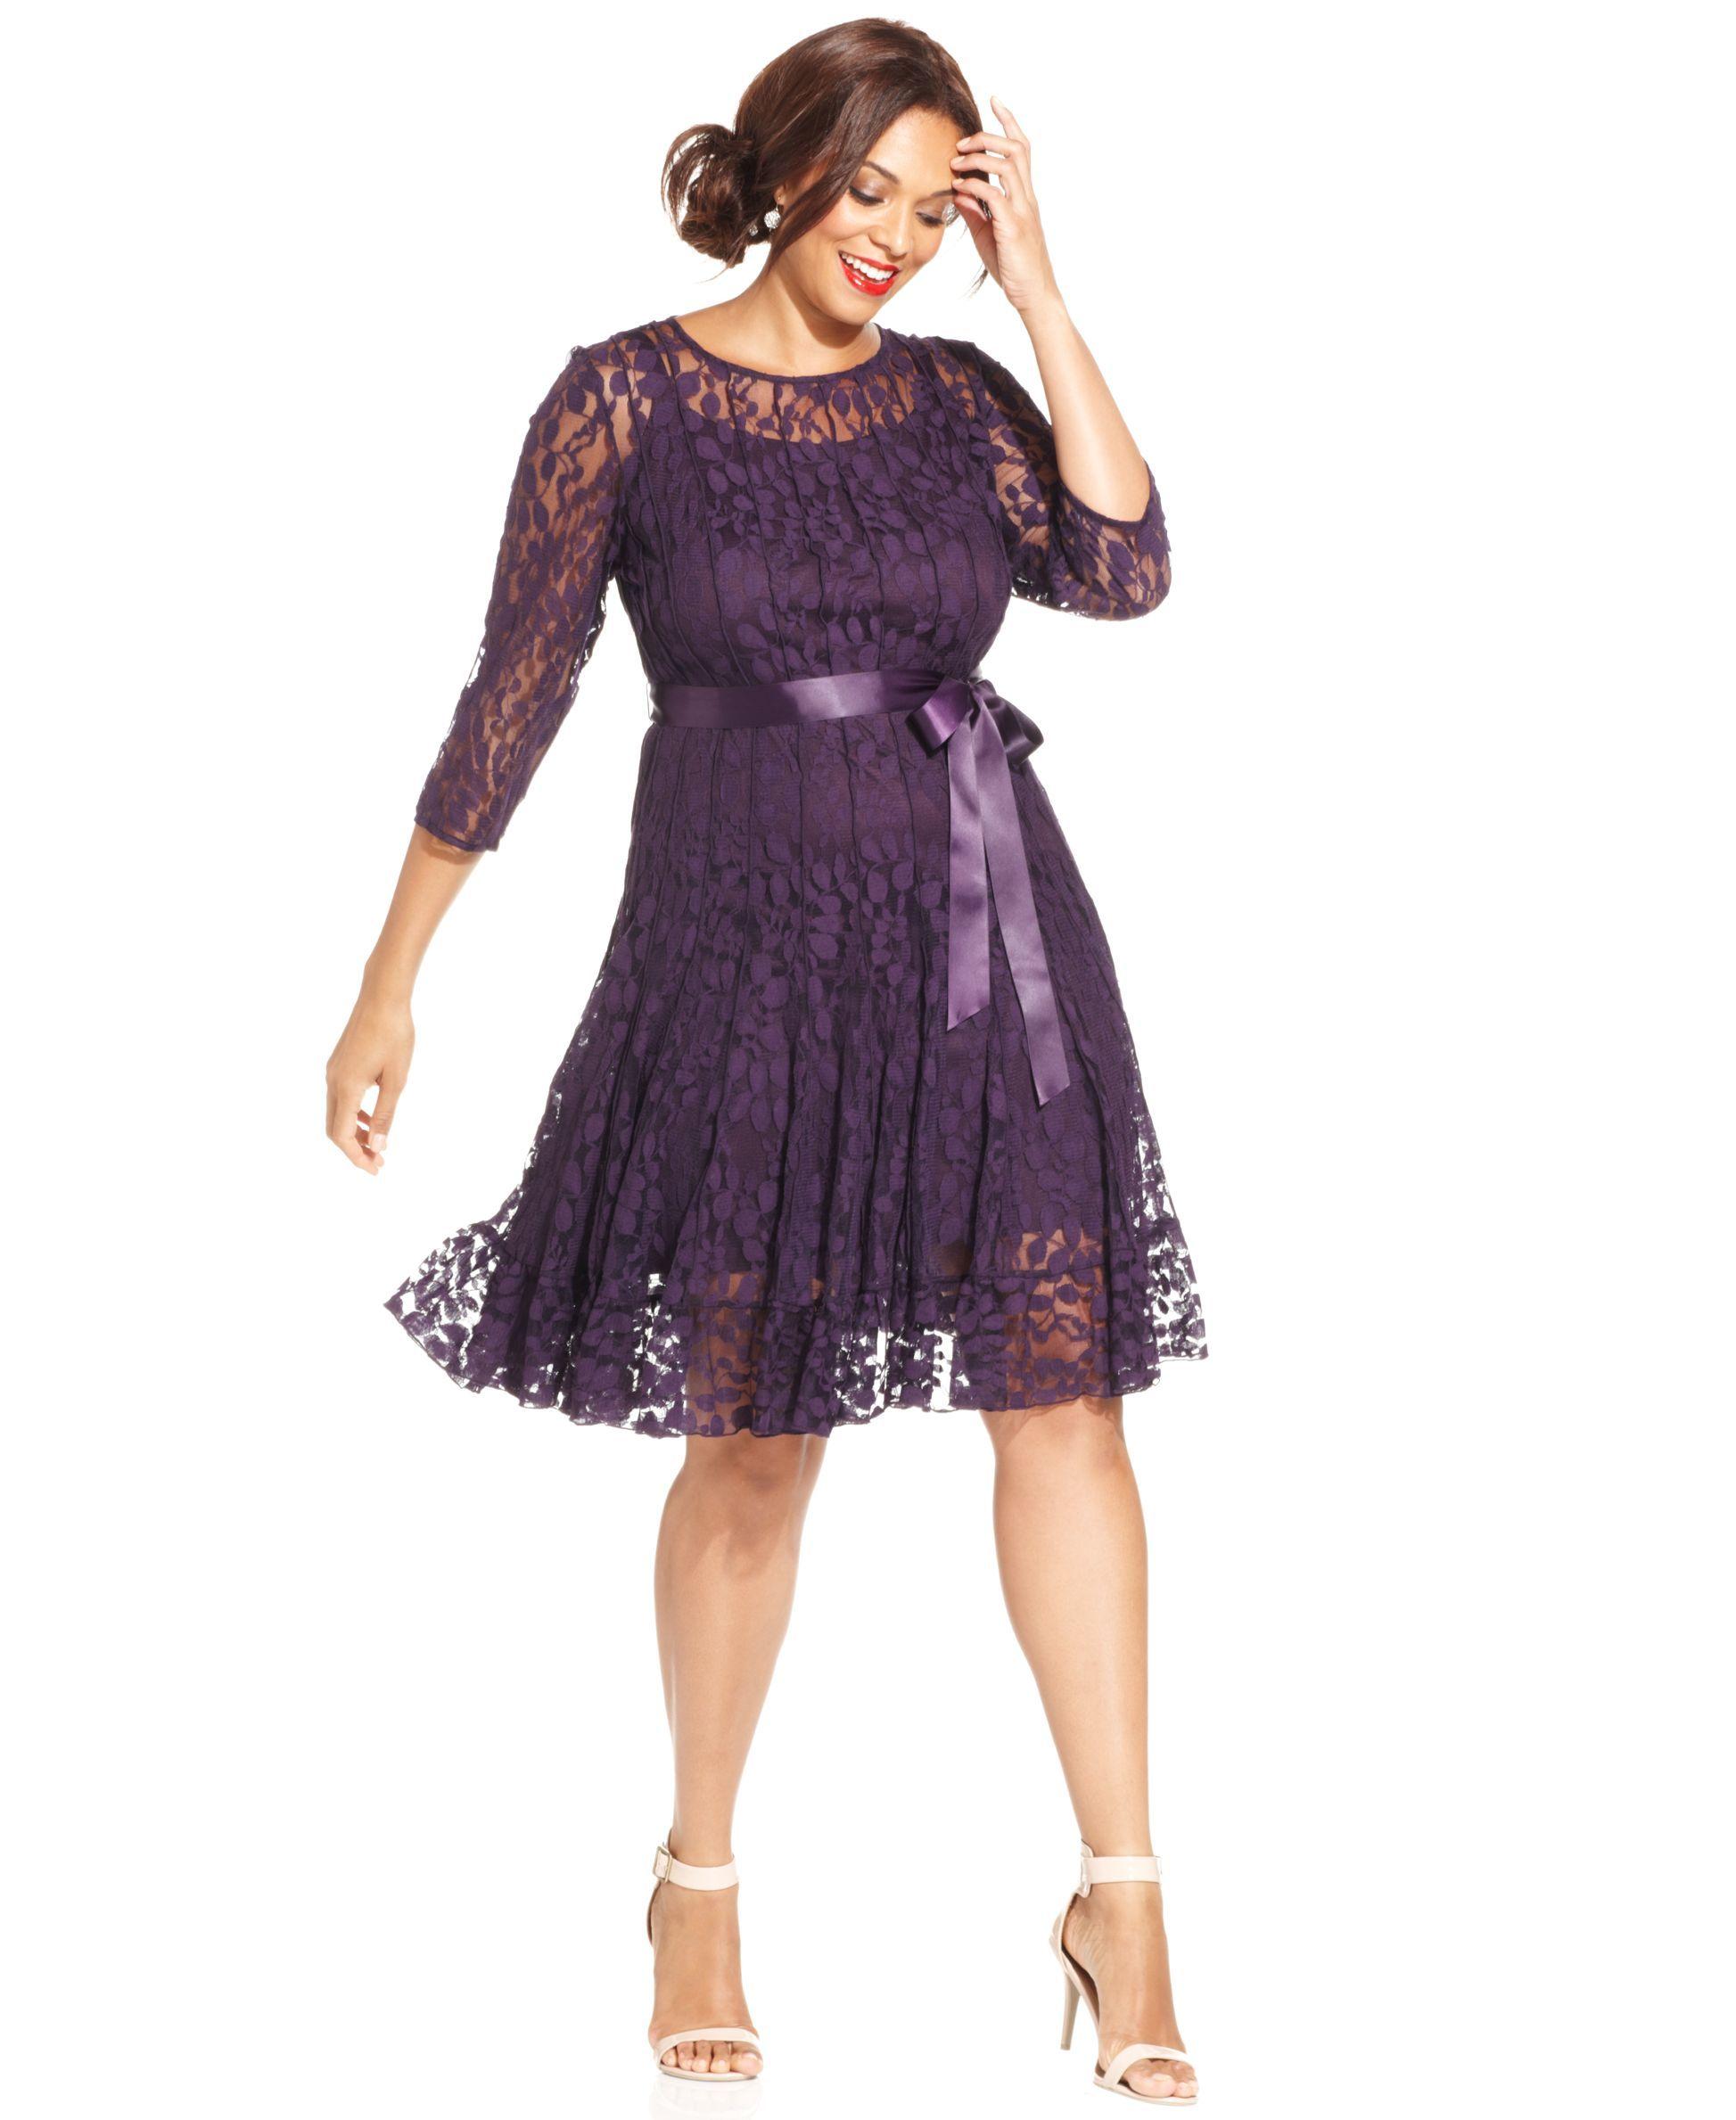 MSK Plus Size Illusion Floral Lace Dress - Dresses - Plus Sizes ...